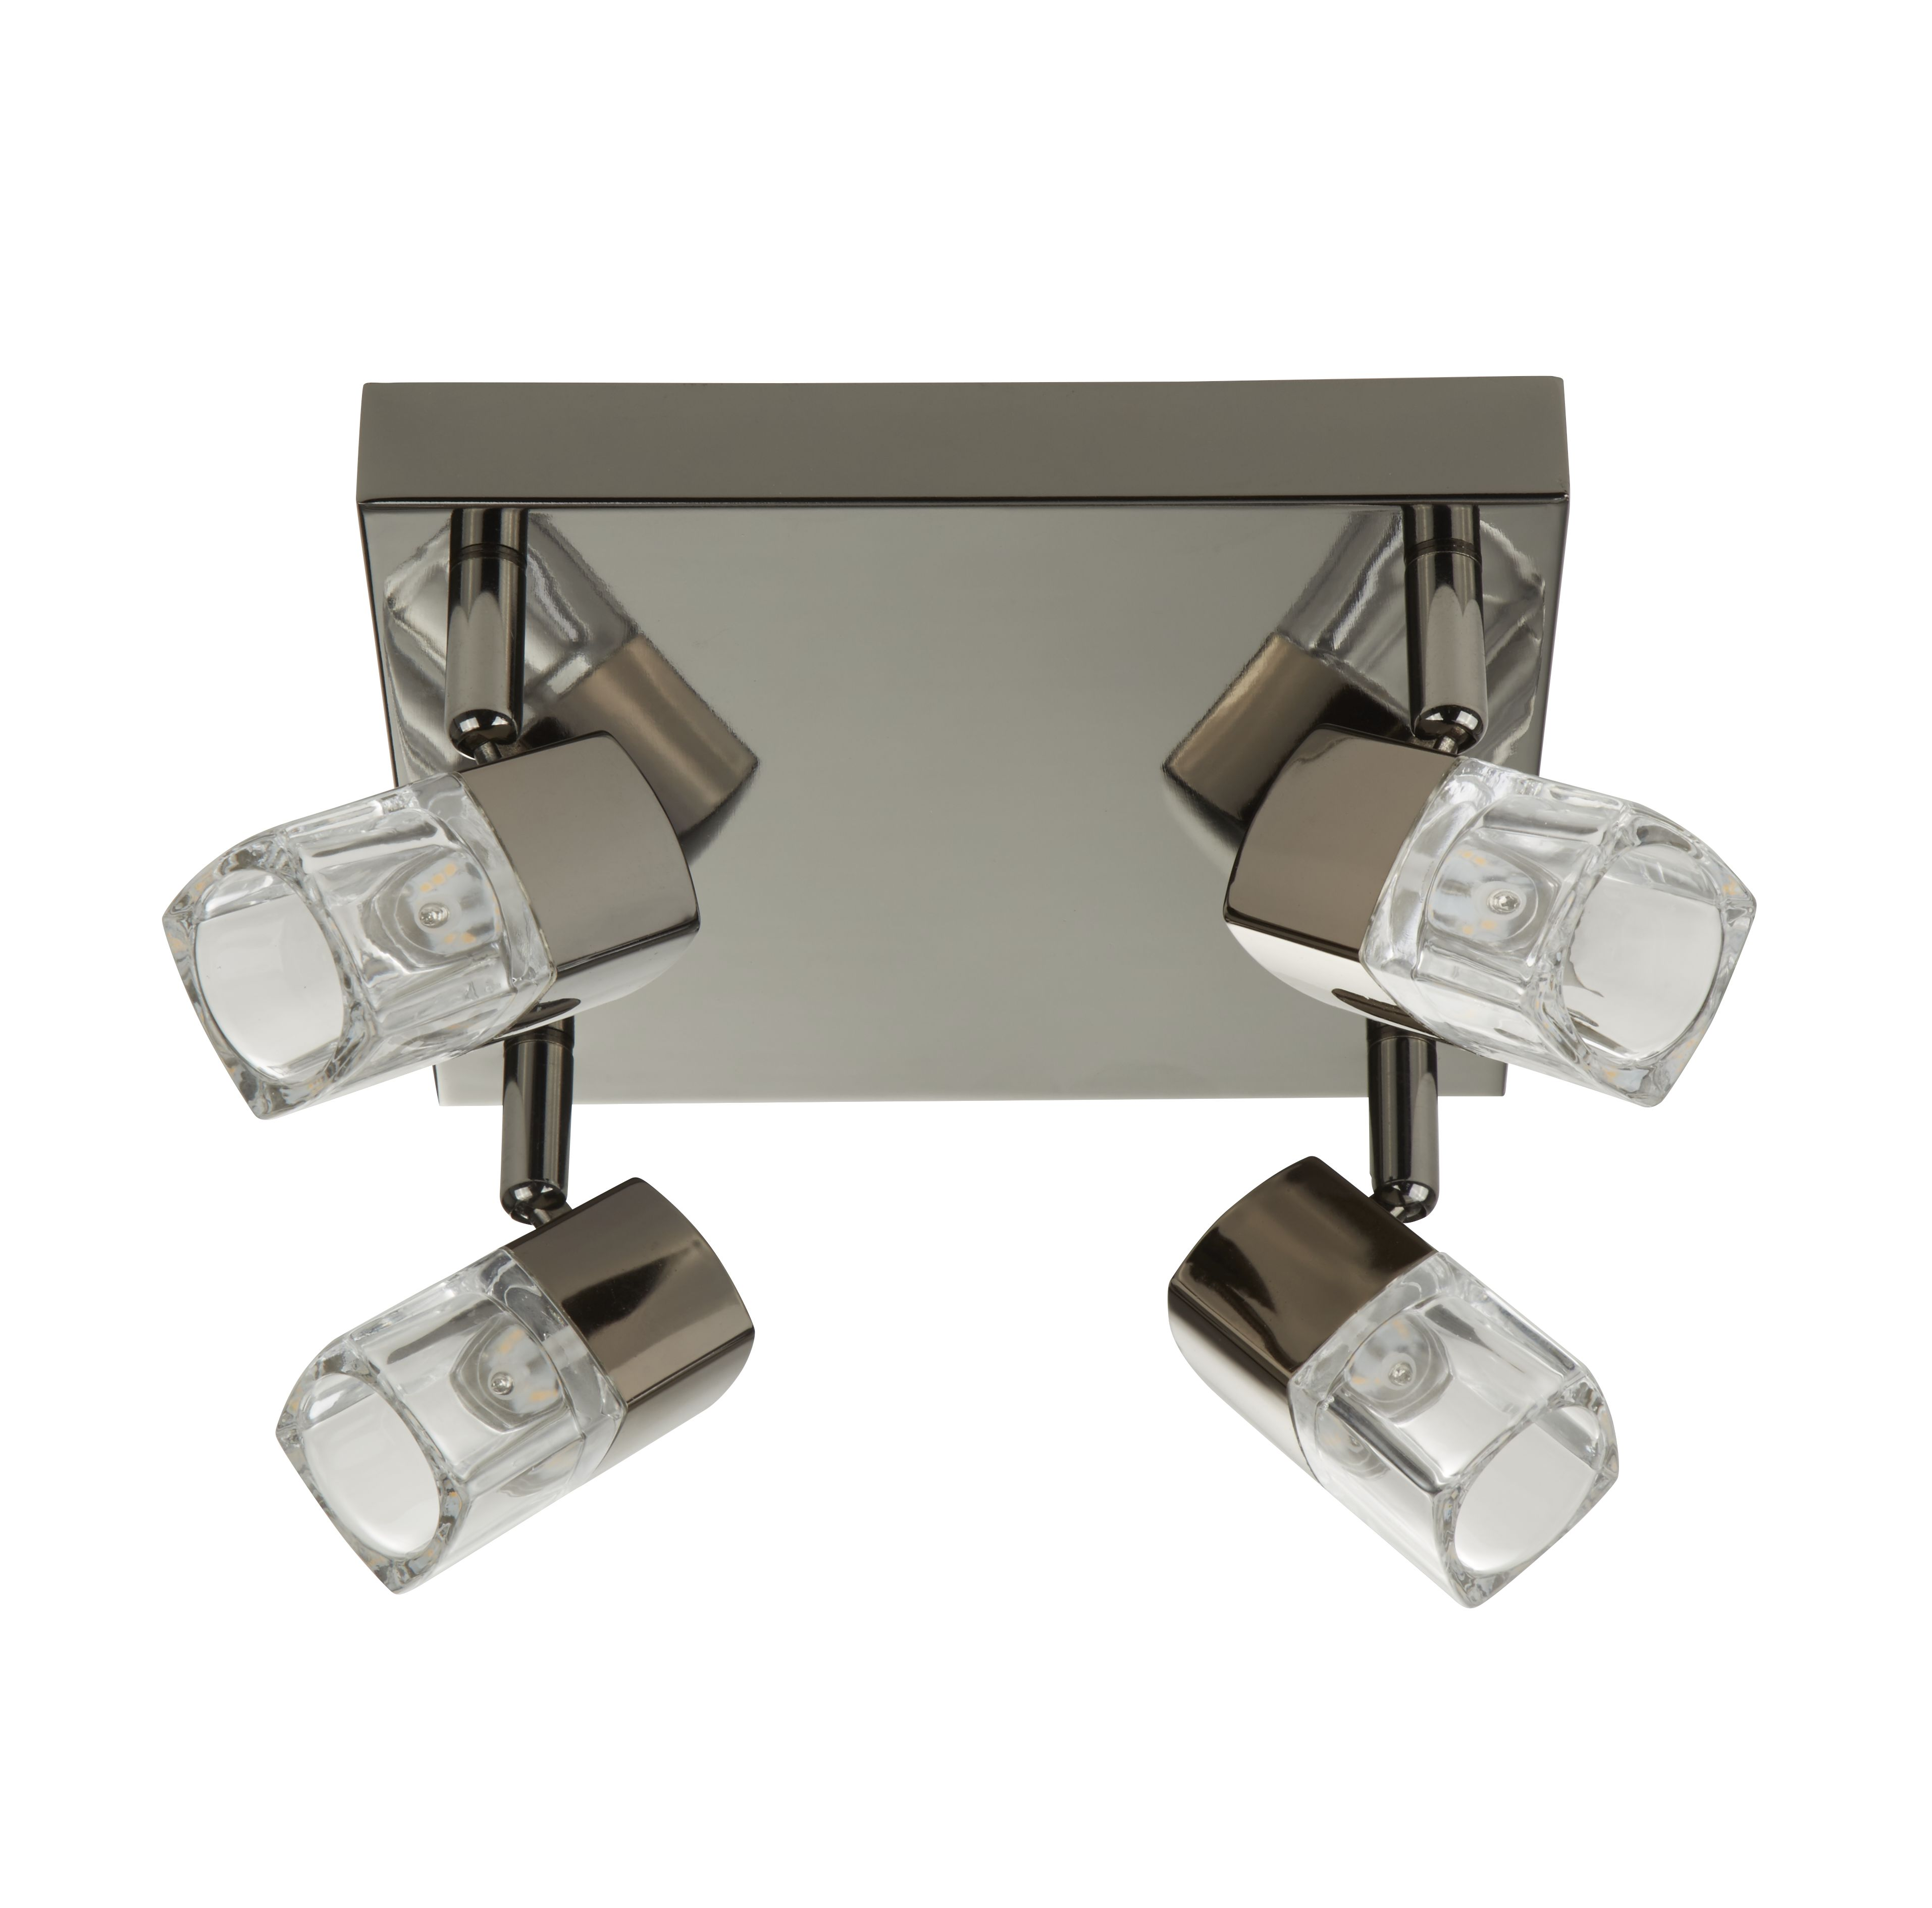 Led Blocs - 4 Light Spotlight Square, Black Chrome, Clear Glass (ice Cube)